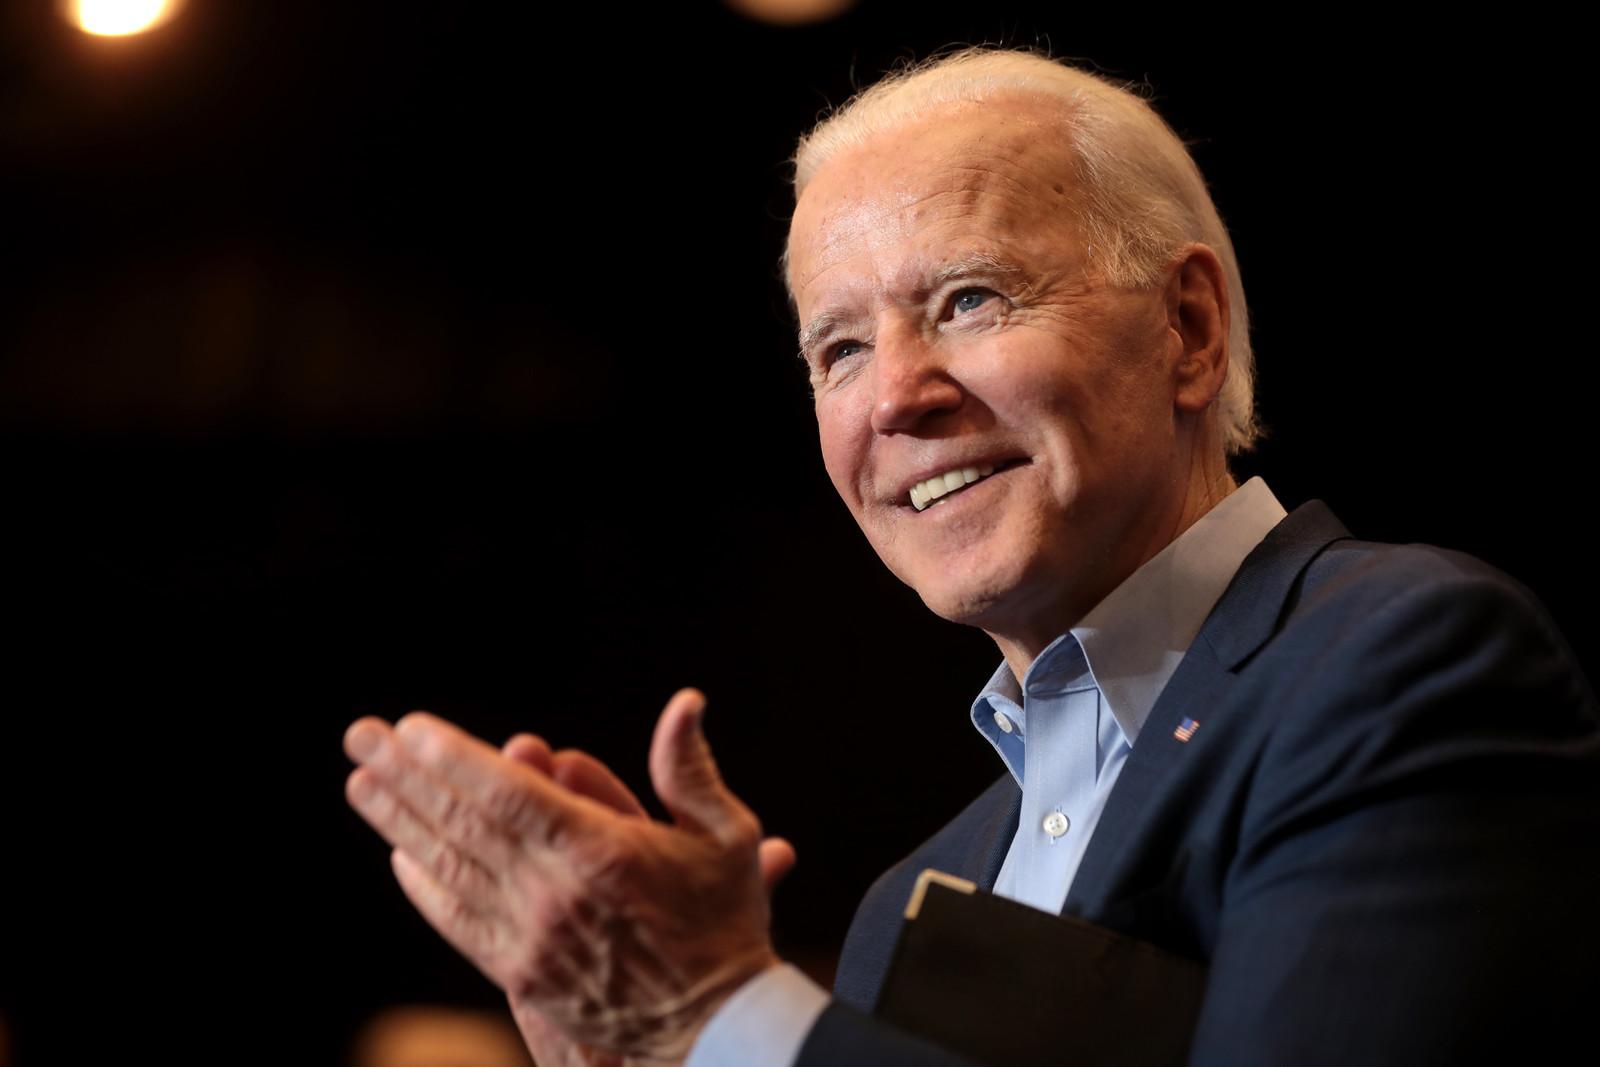 Joe Biden applauds